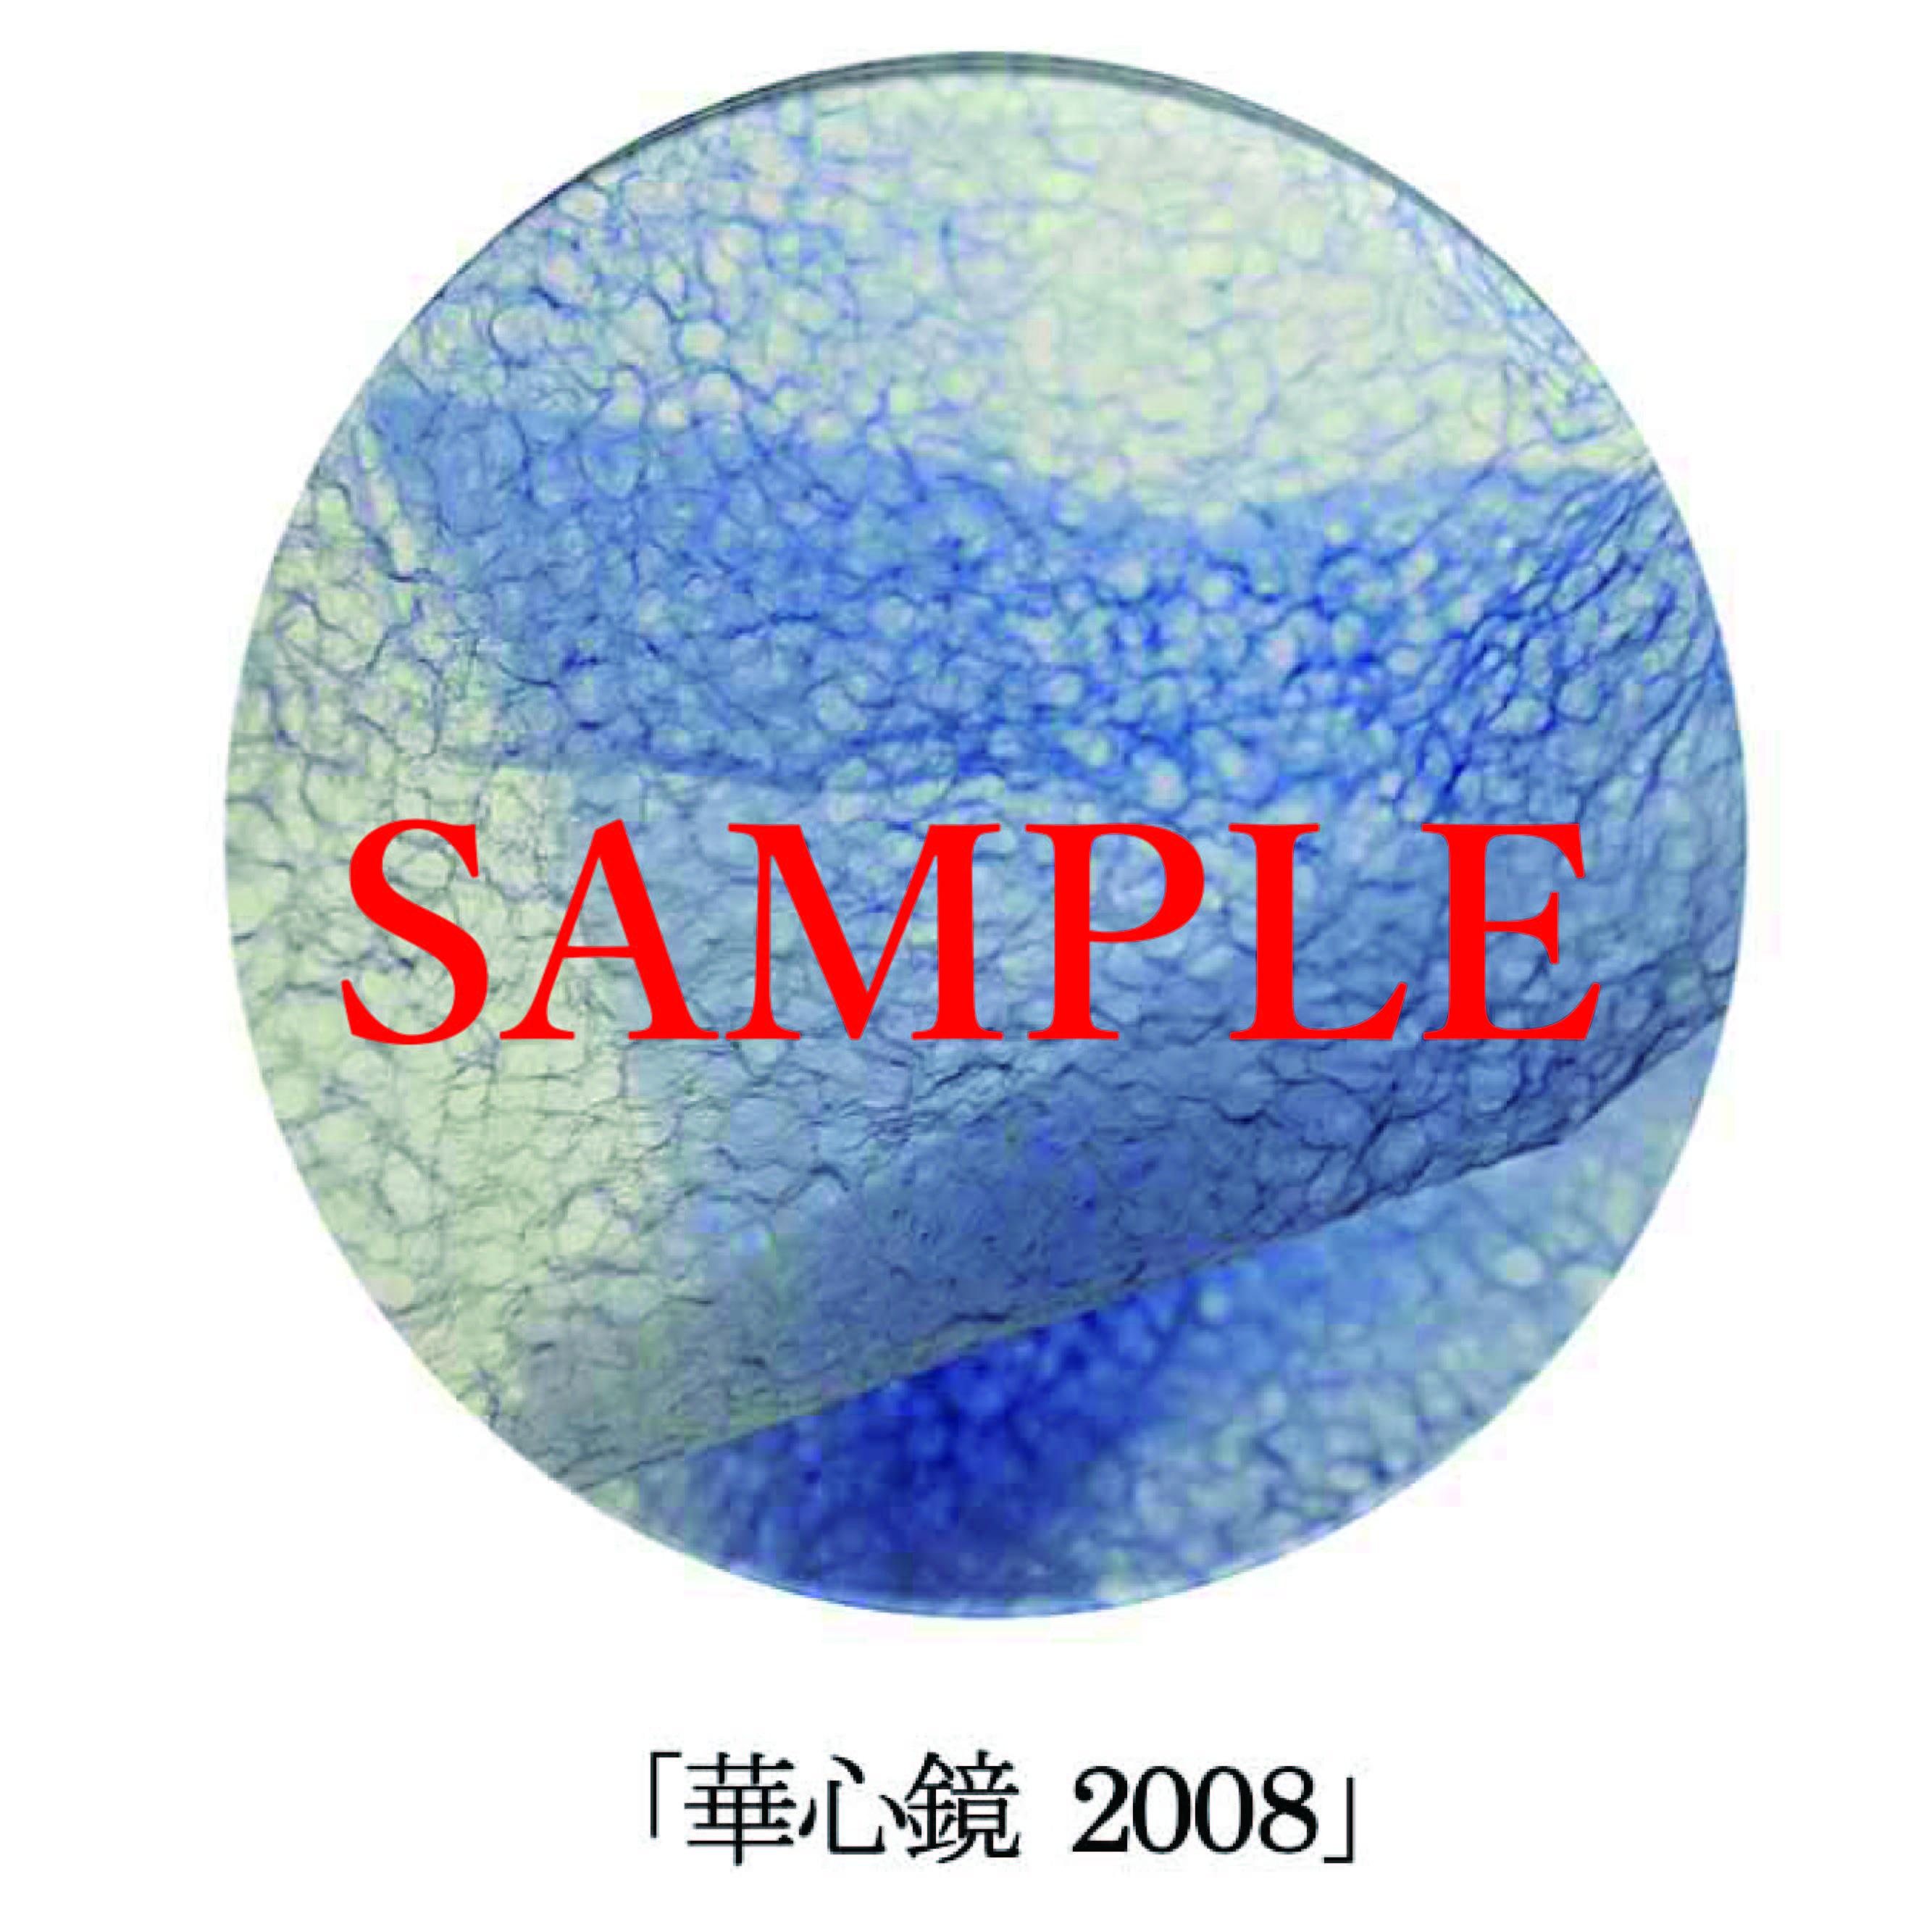 「華心鏡2008」【井坂健一郎作品華心鏡(かしんきょう)シリーズ】